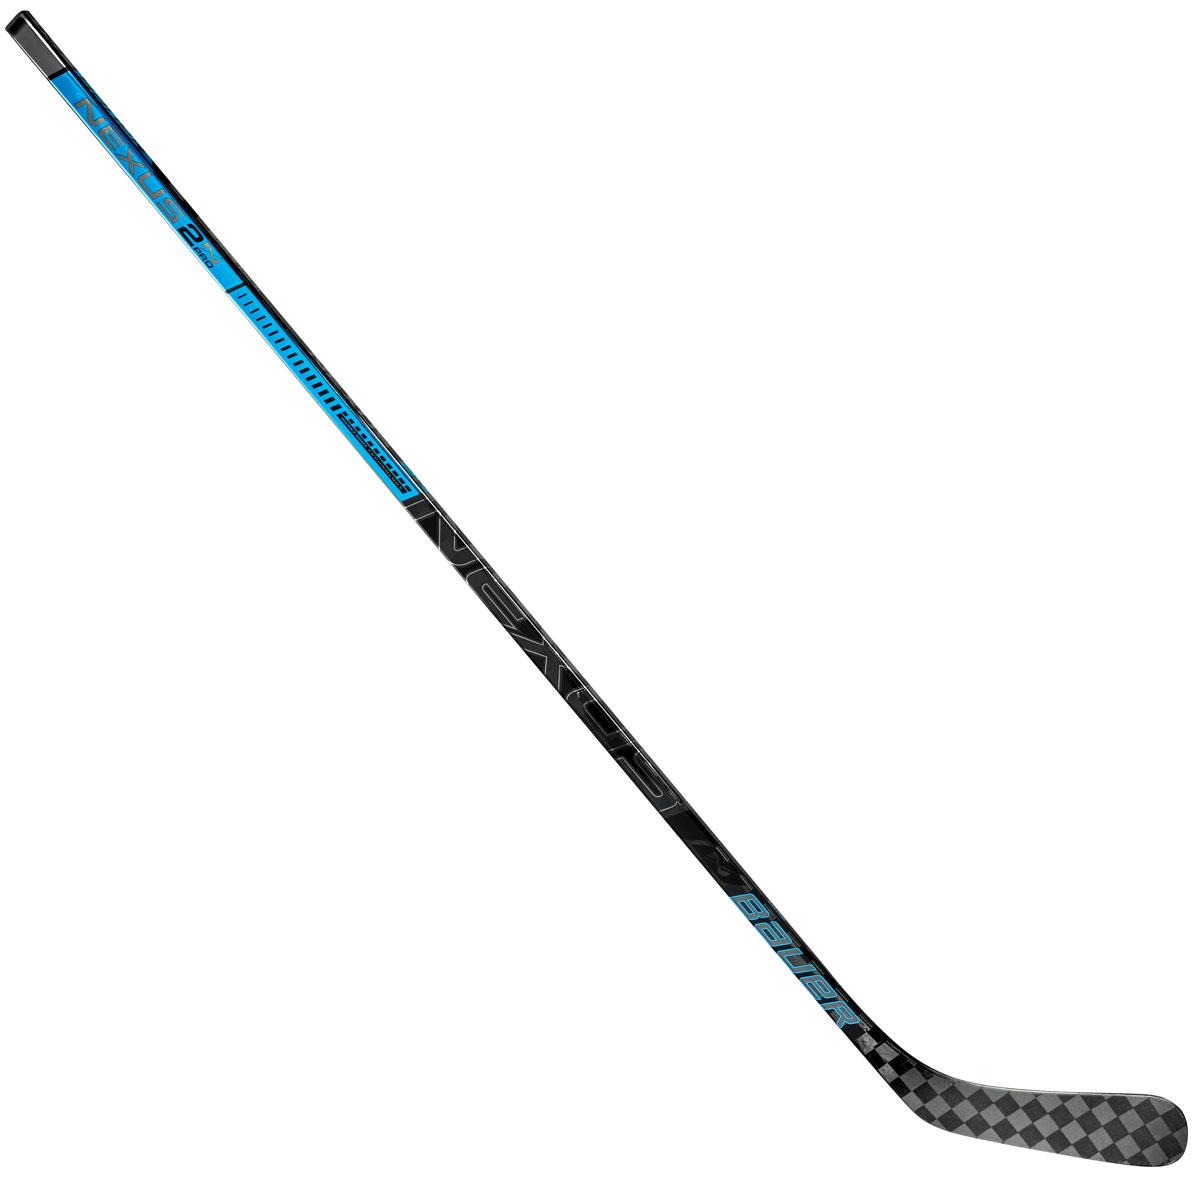 Клюшка хоккейная Bauer S18 Nexus 2N Pro Mini P08, левая bauer коньки хоккейные bauer s17 vapor x700